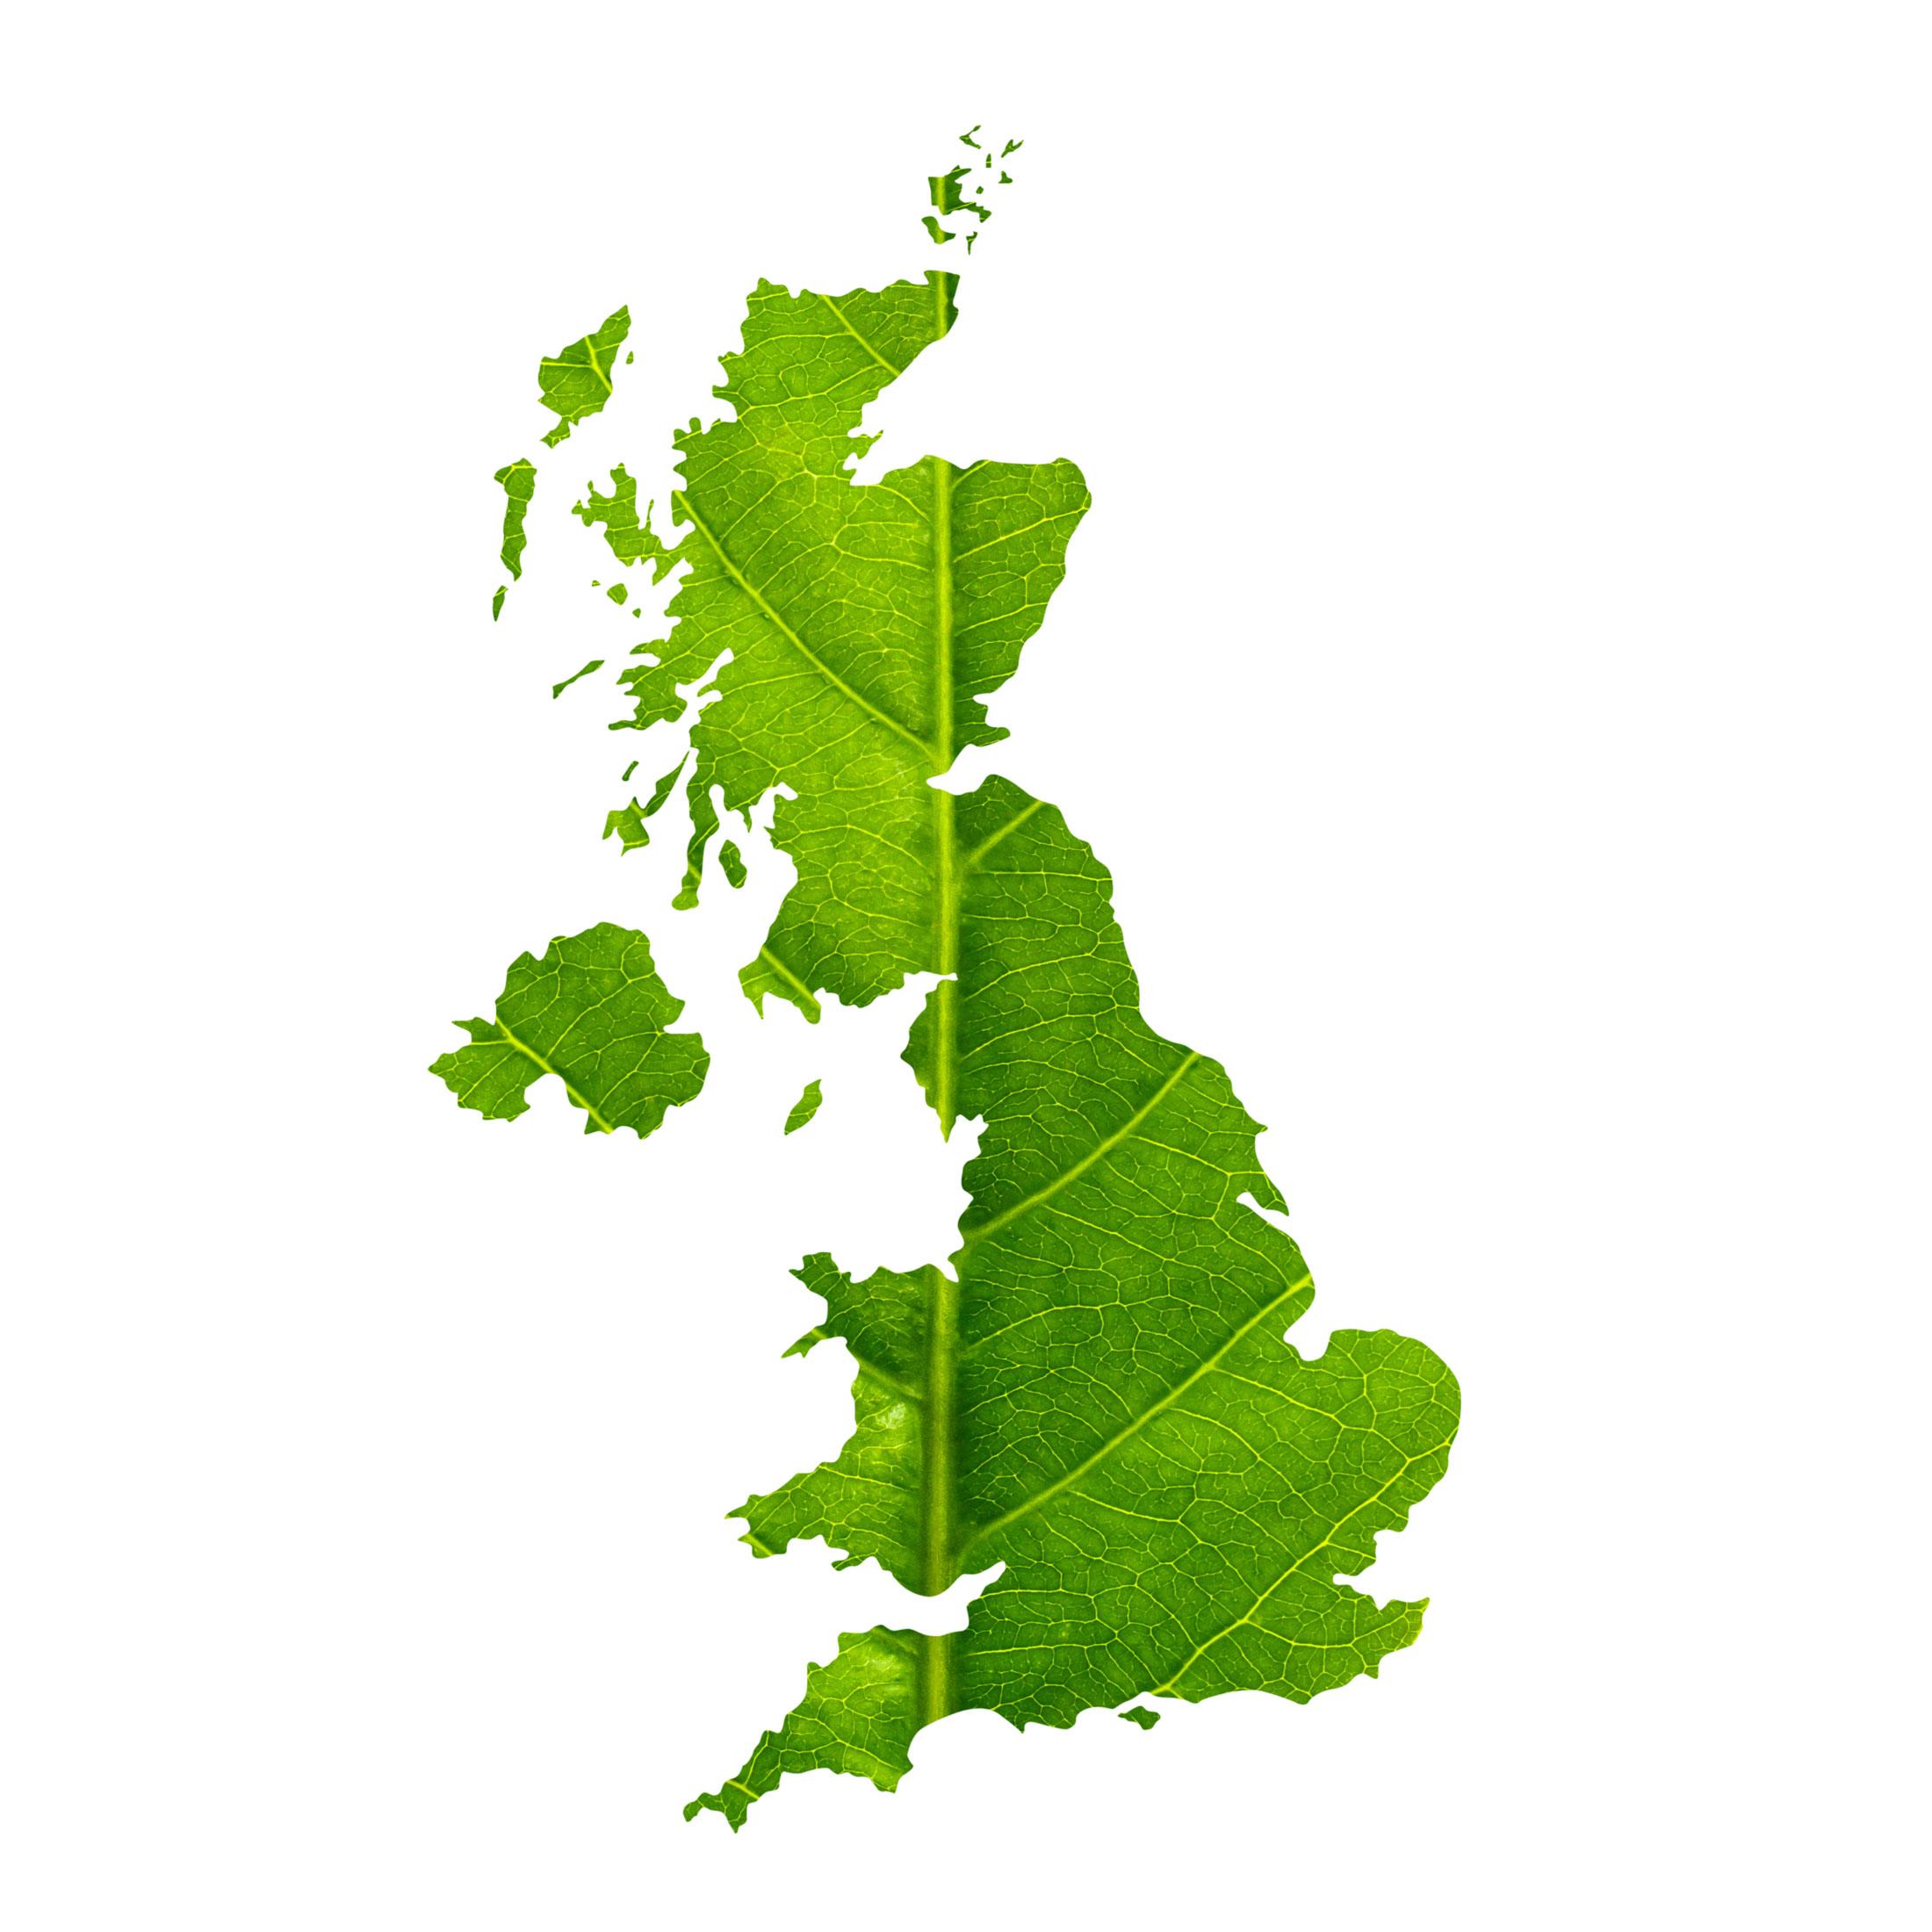 green industrial revolution map UK